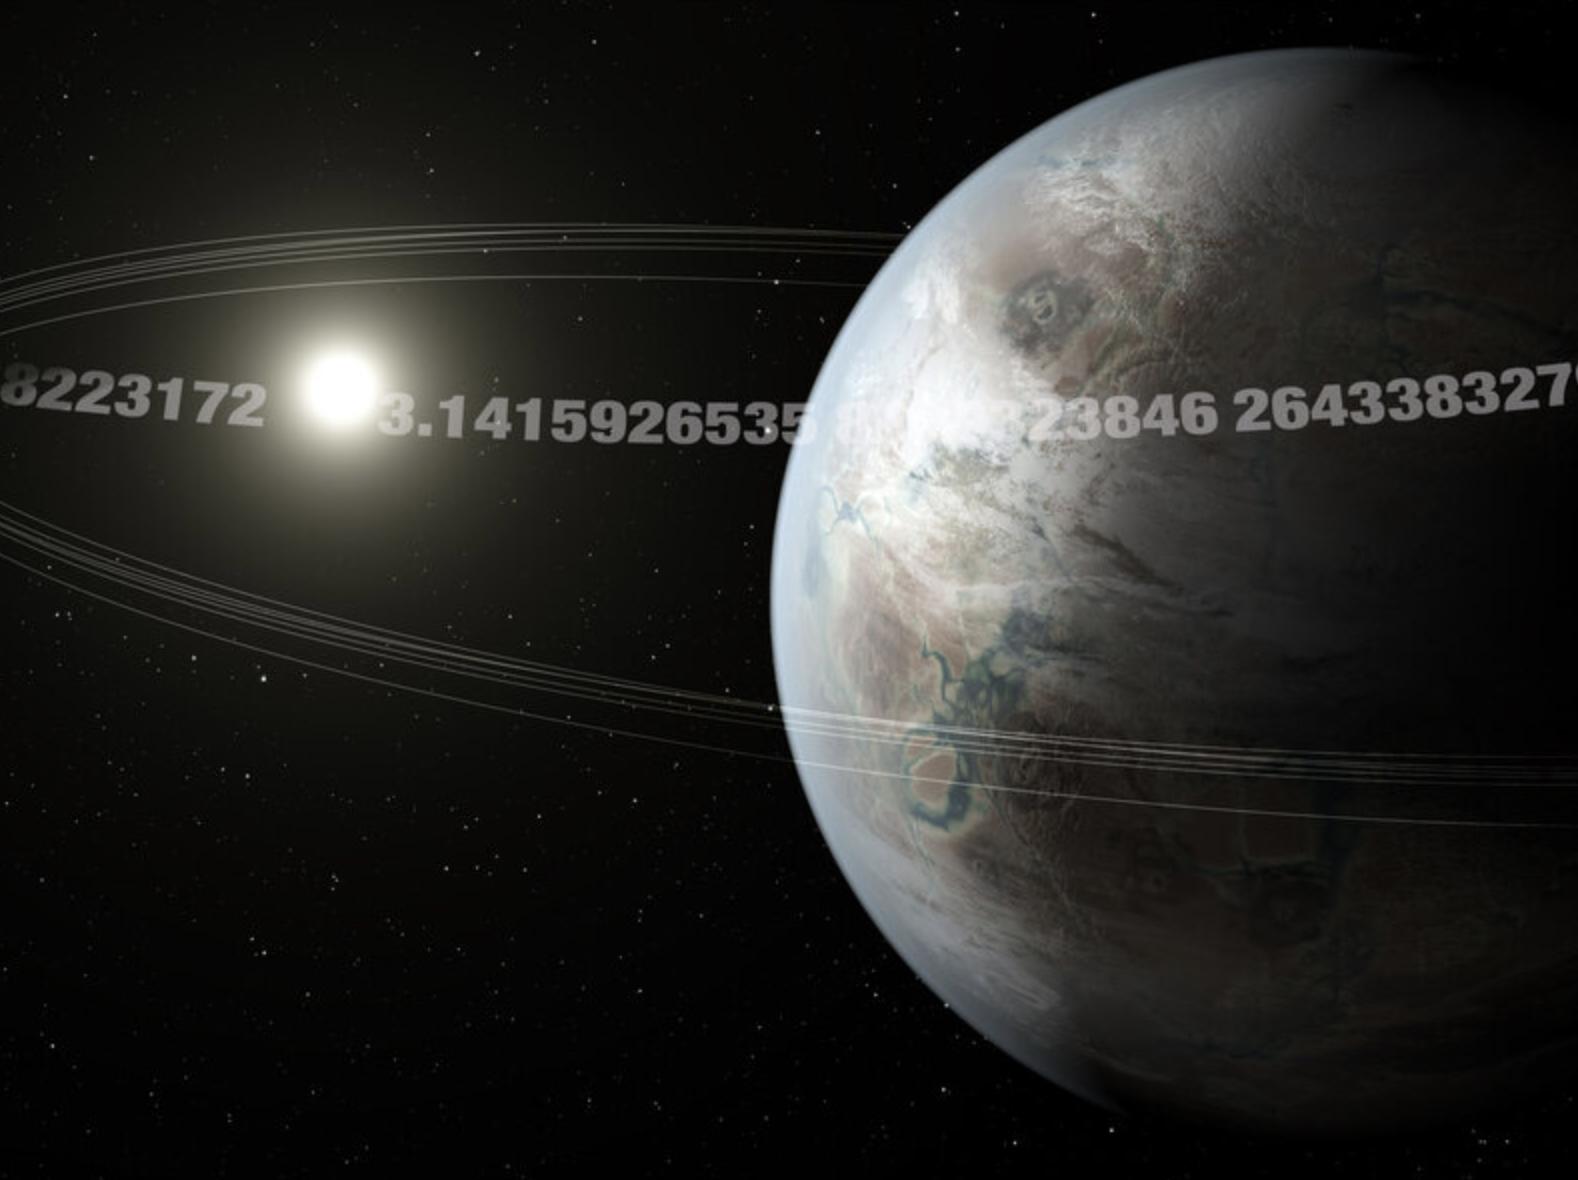 «Tierra Pi»: descubren un planeta similar a la Tierra con una órbita de 3,14 días